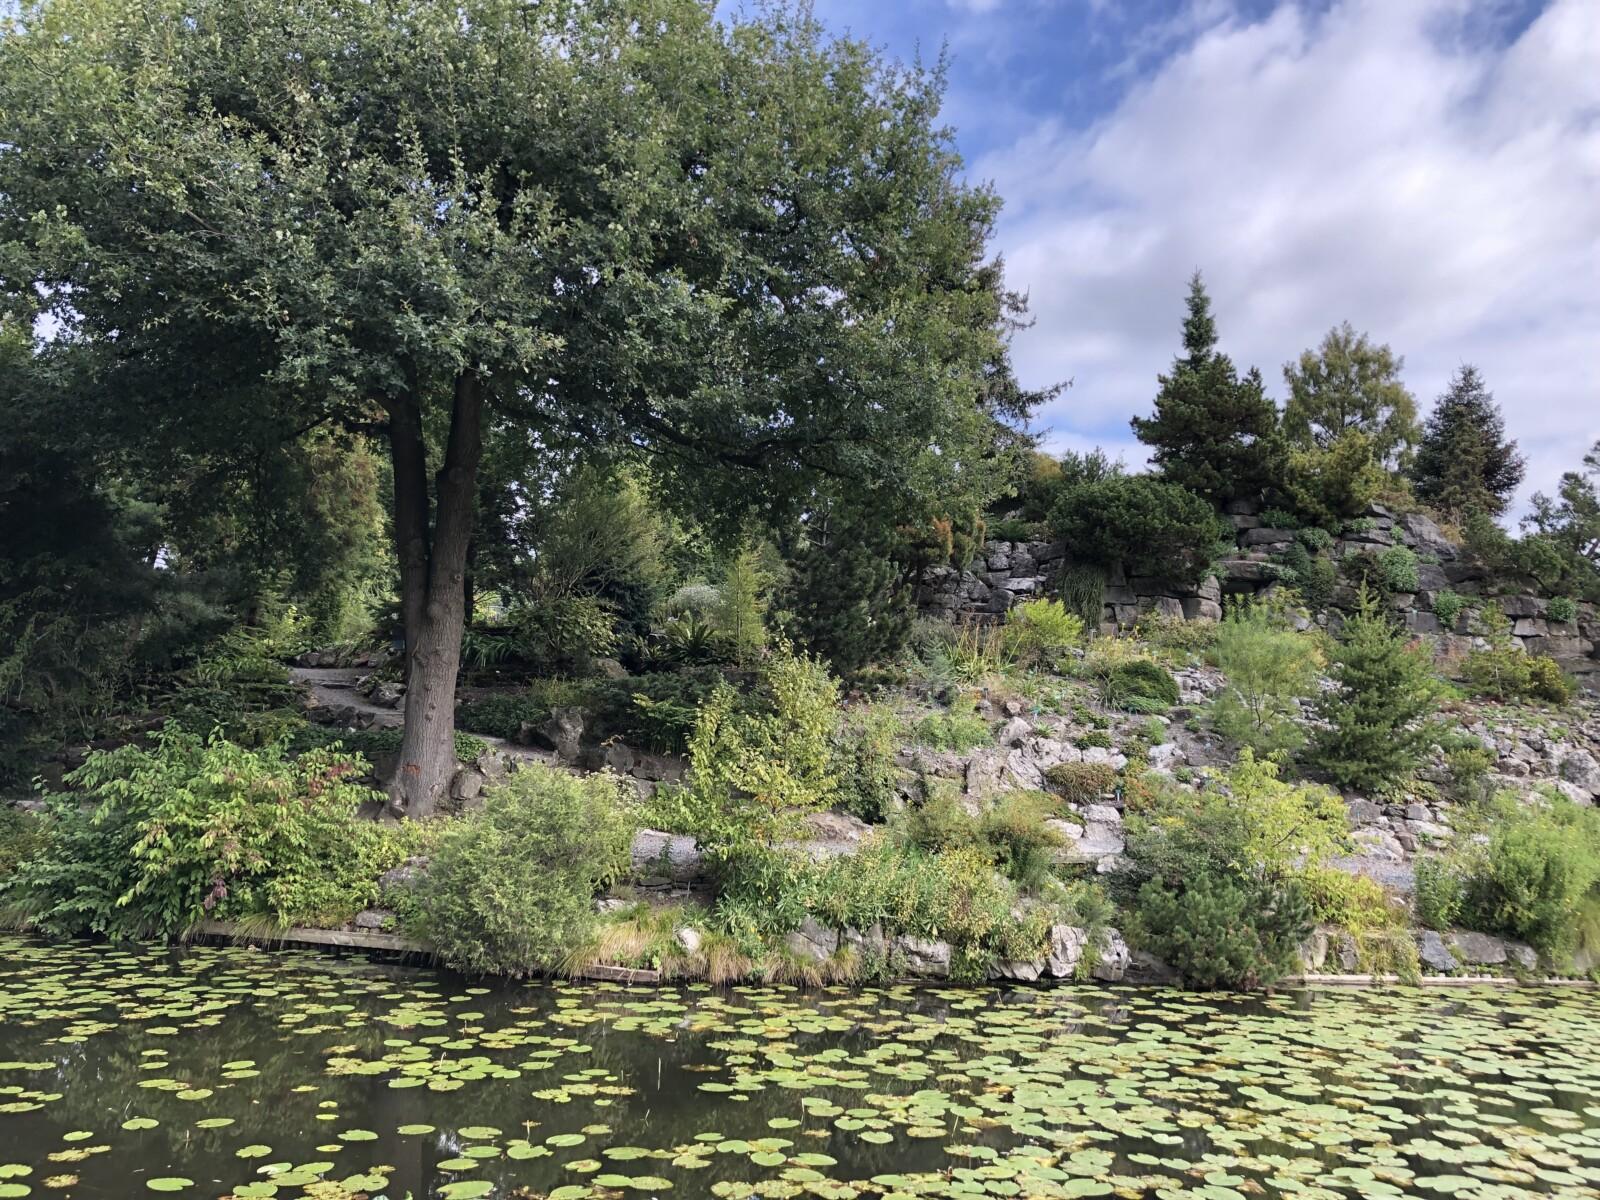 Stekjesdag bij Botanische Tuinen